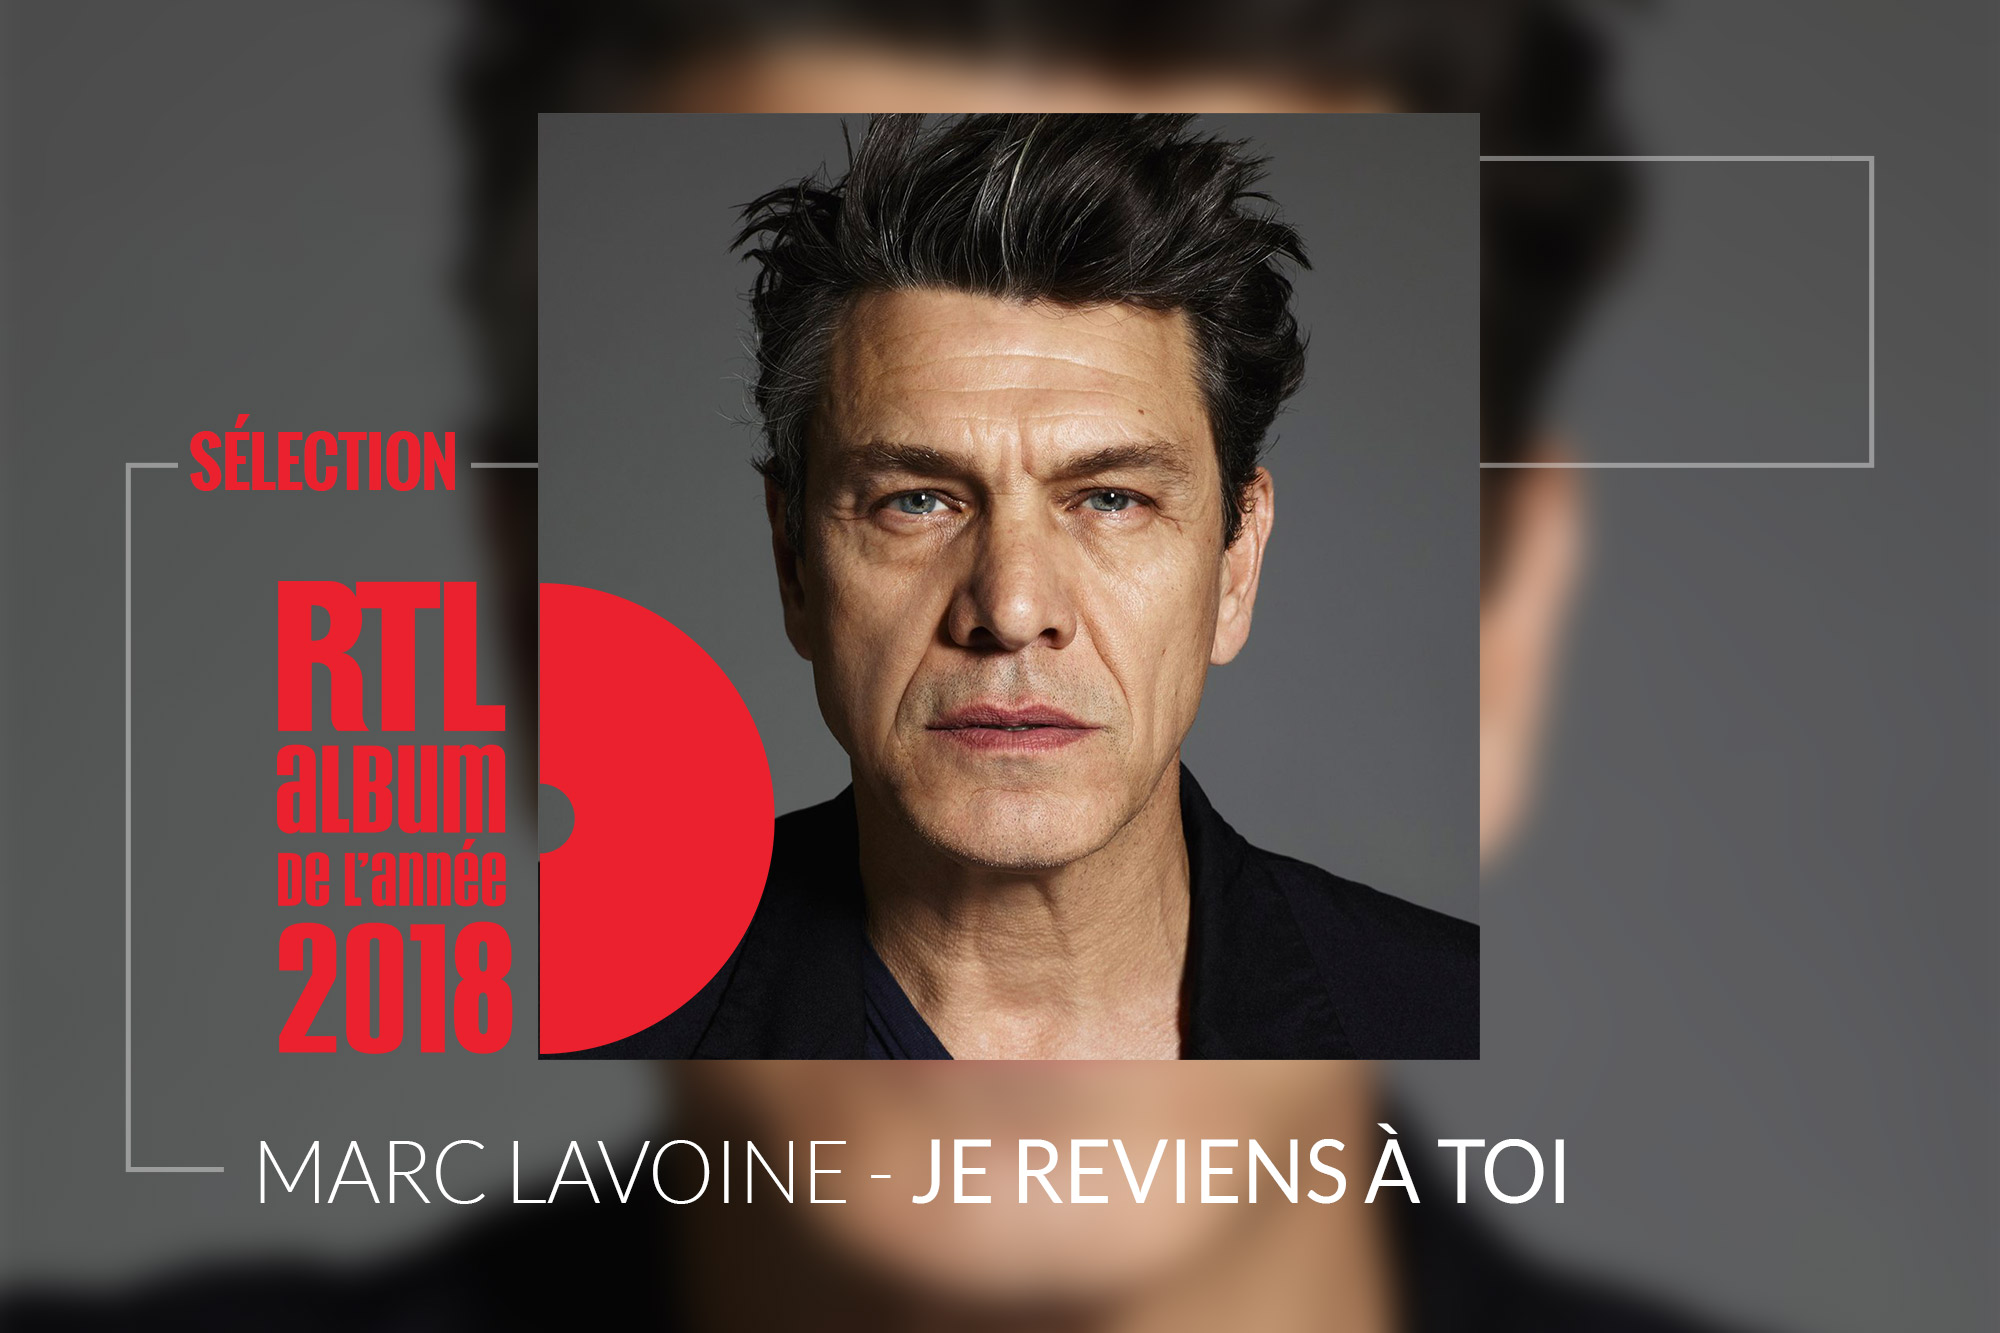 Marc Lavoine En Lice Pour L Album Rtl De L Annee Avec Je Reviens A Toi